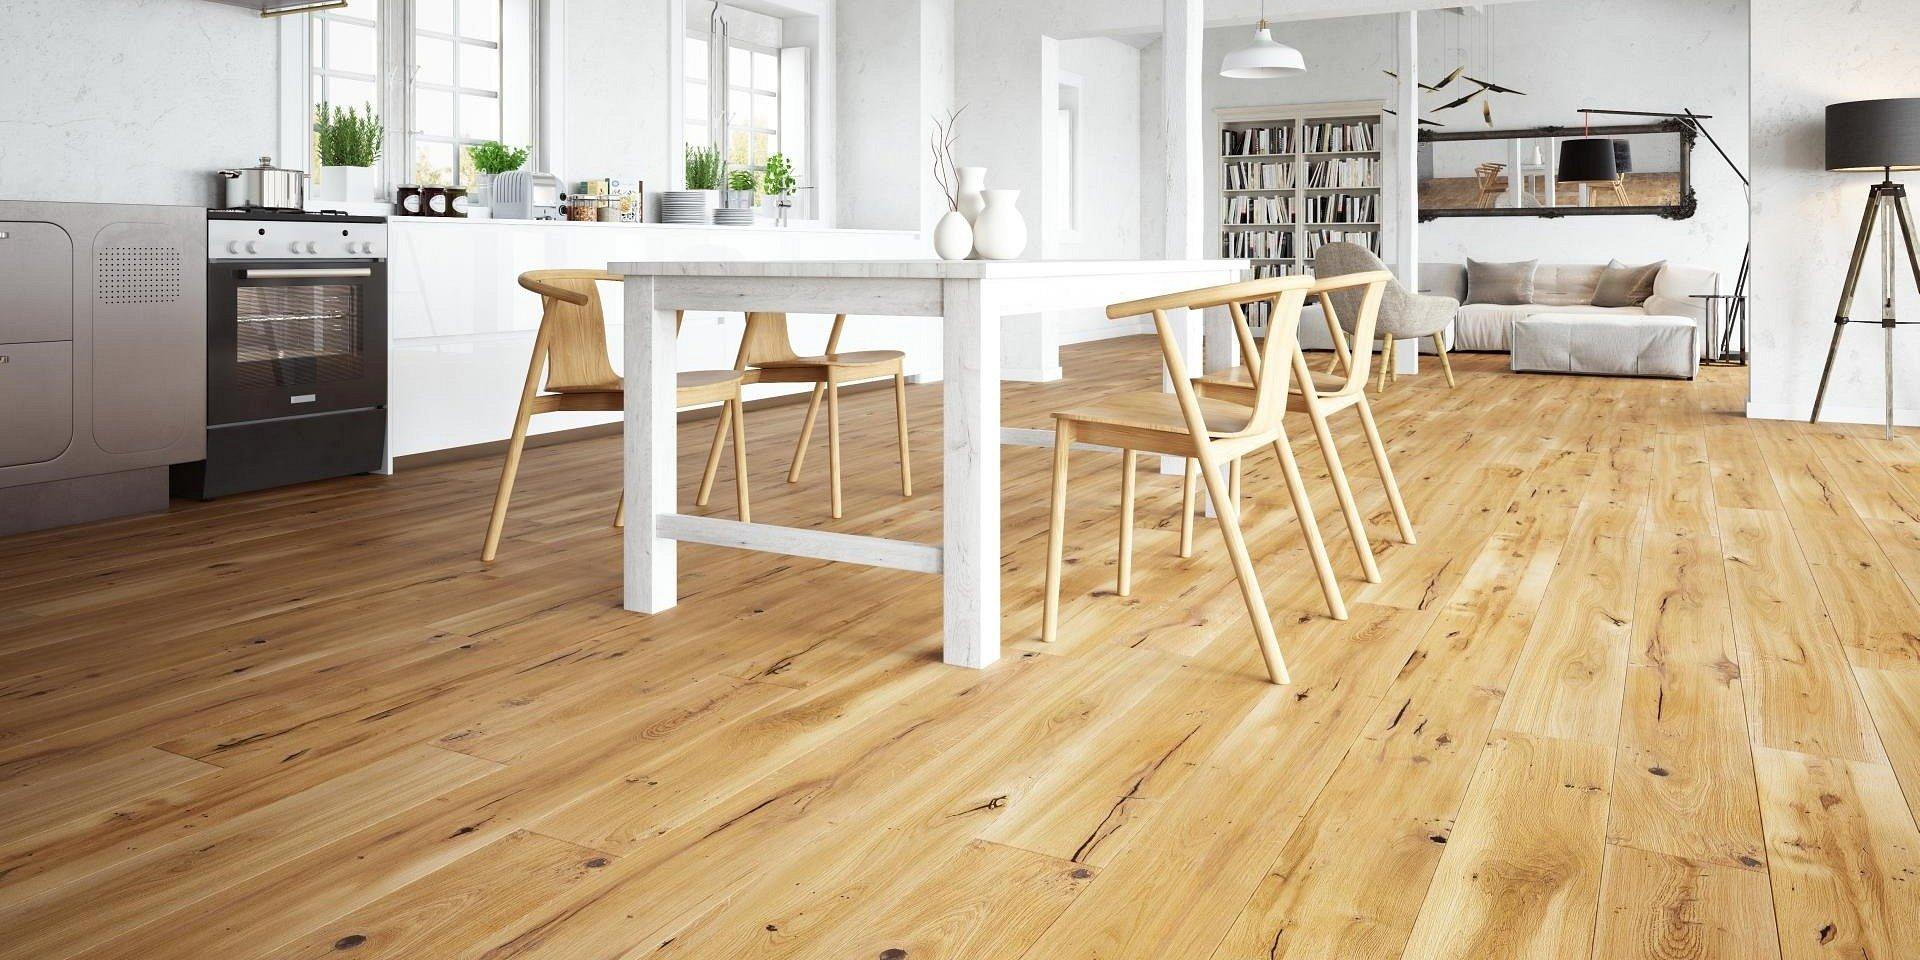 Podłoga z drewna - od montażu po finalny wygląd wnętrza